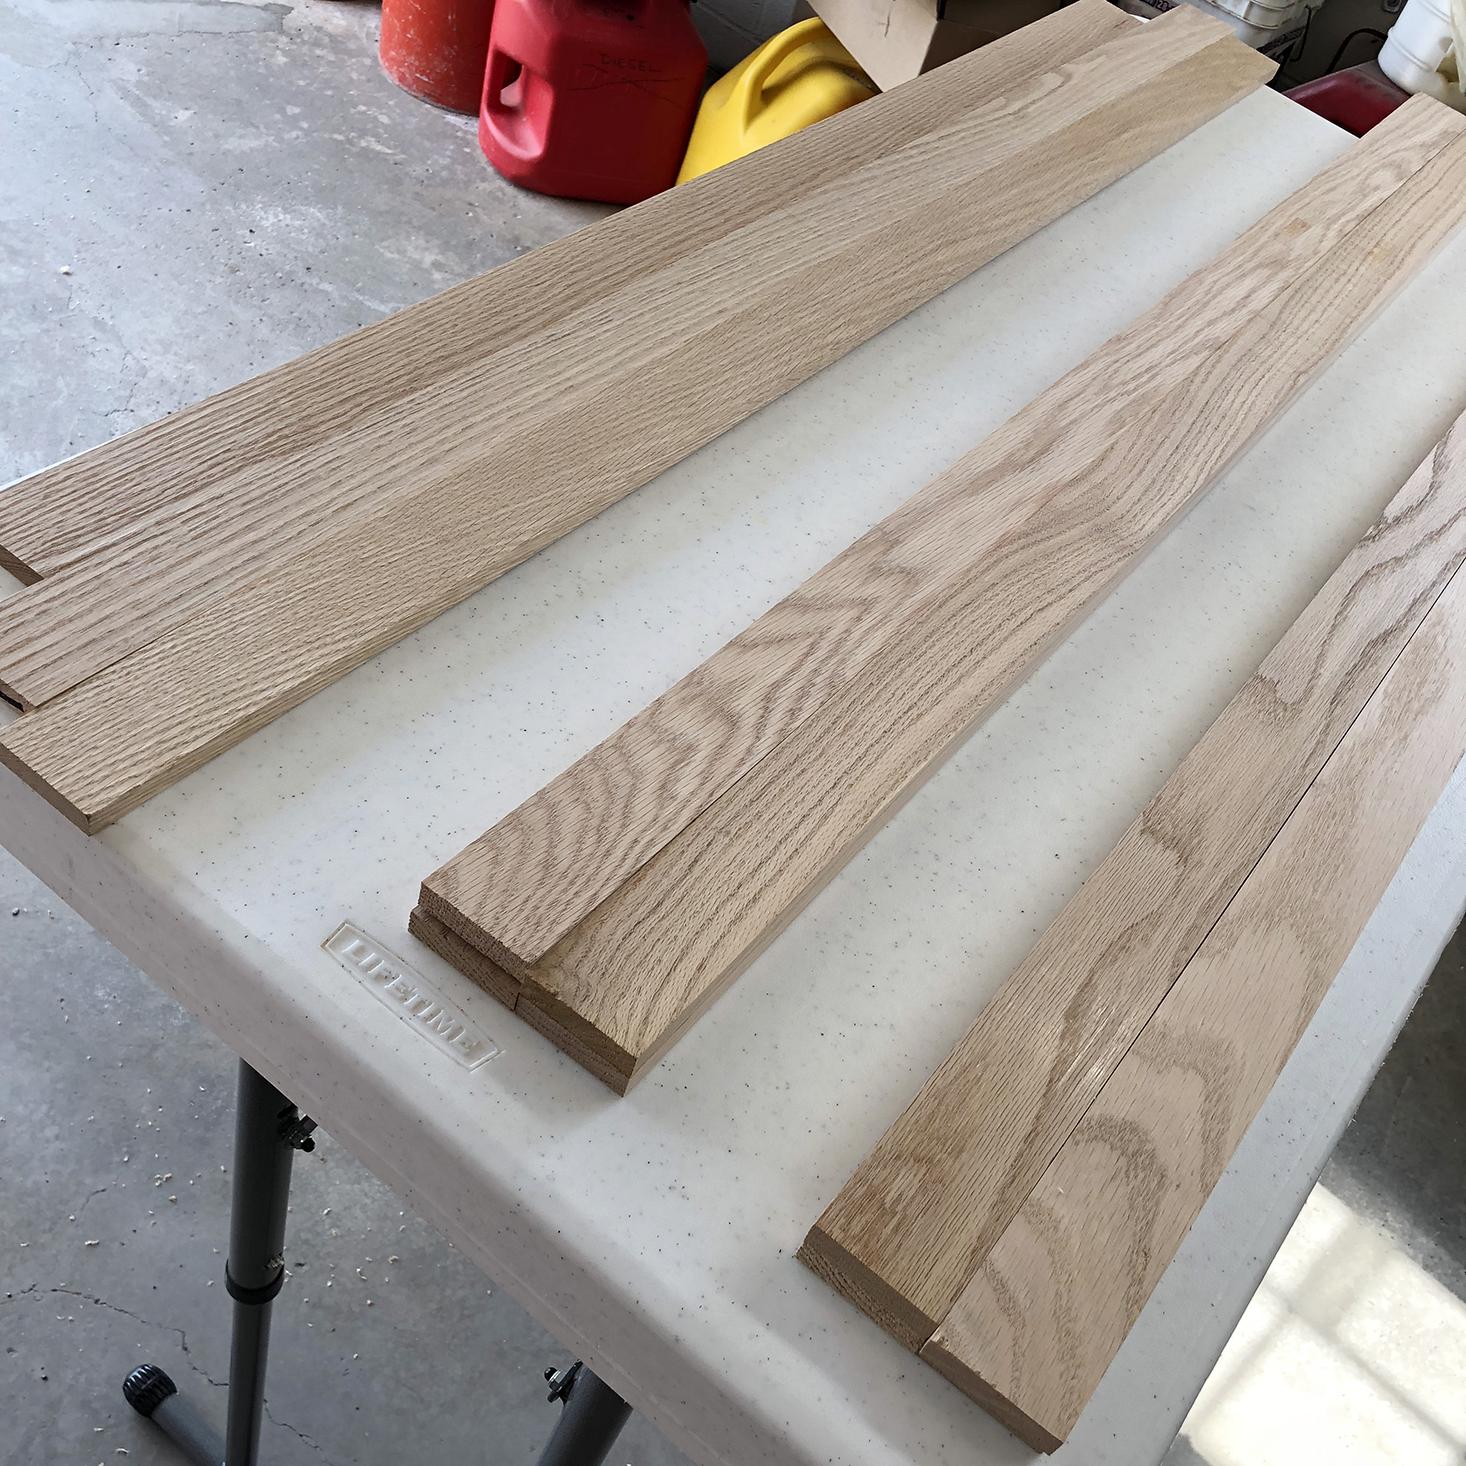 Grouping oak planks by grain